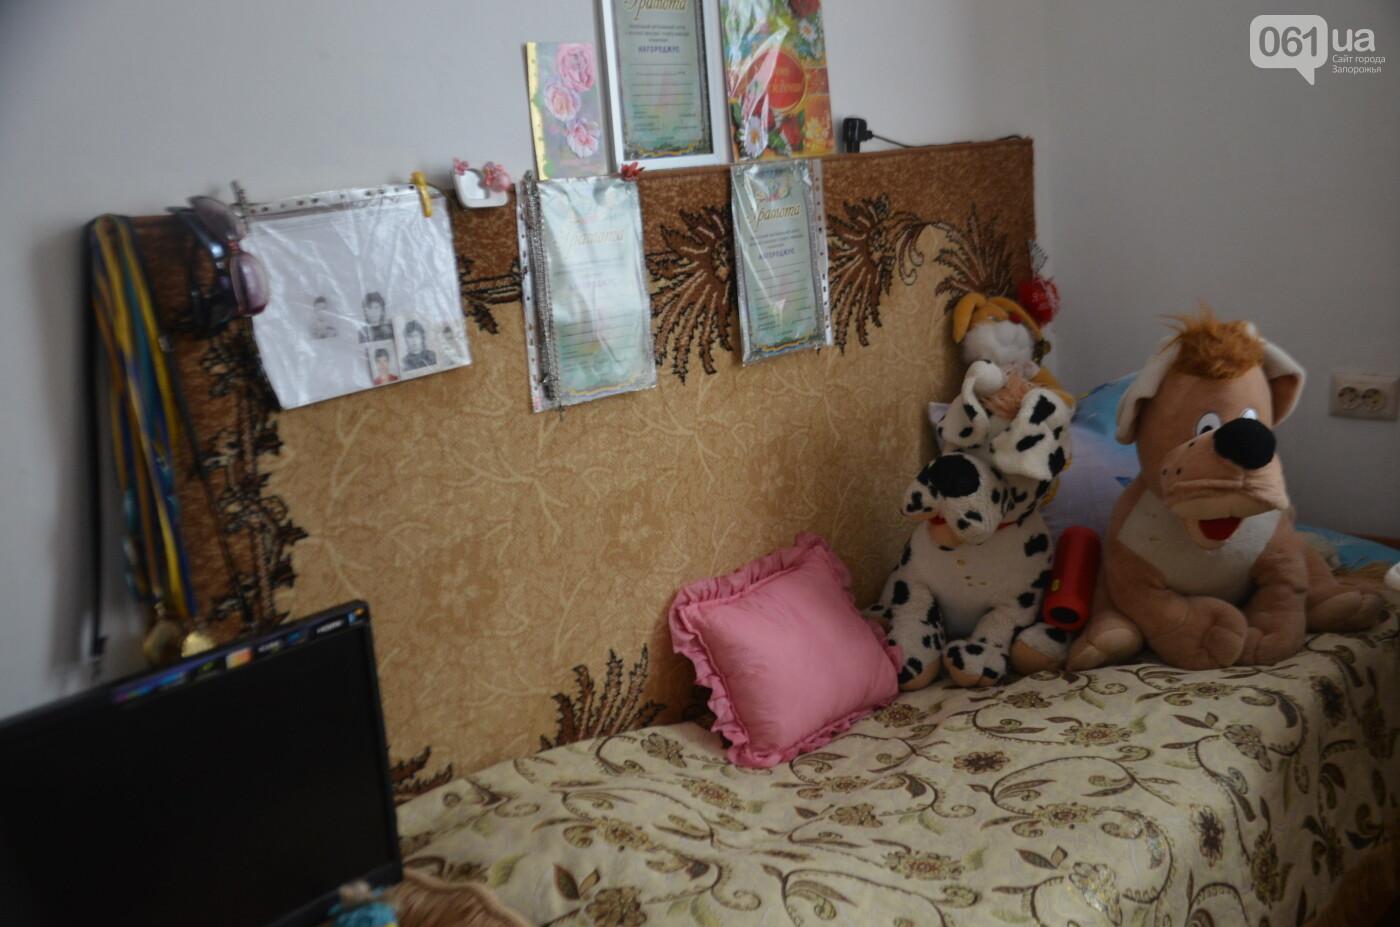 «У меня был муж, ребенок и любимая работа, а потом я оказалась здесь»: как в Преславском интернате живут старые и новые постояльцы, фото-27